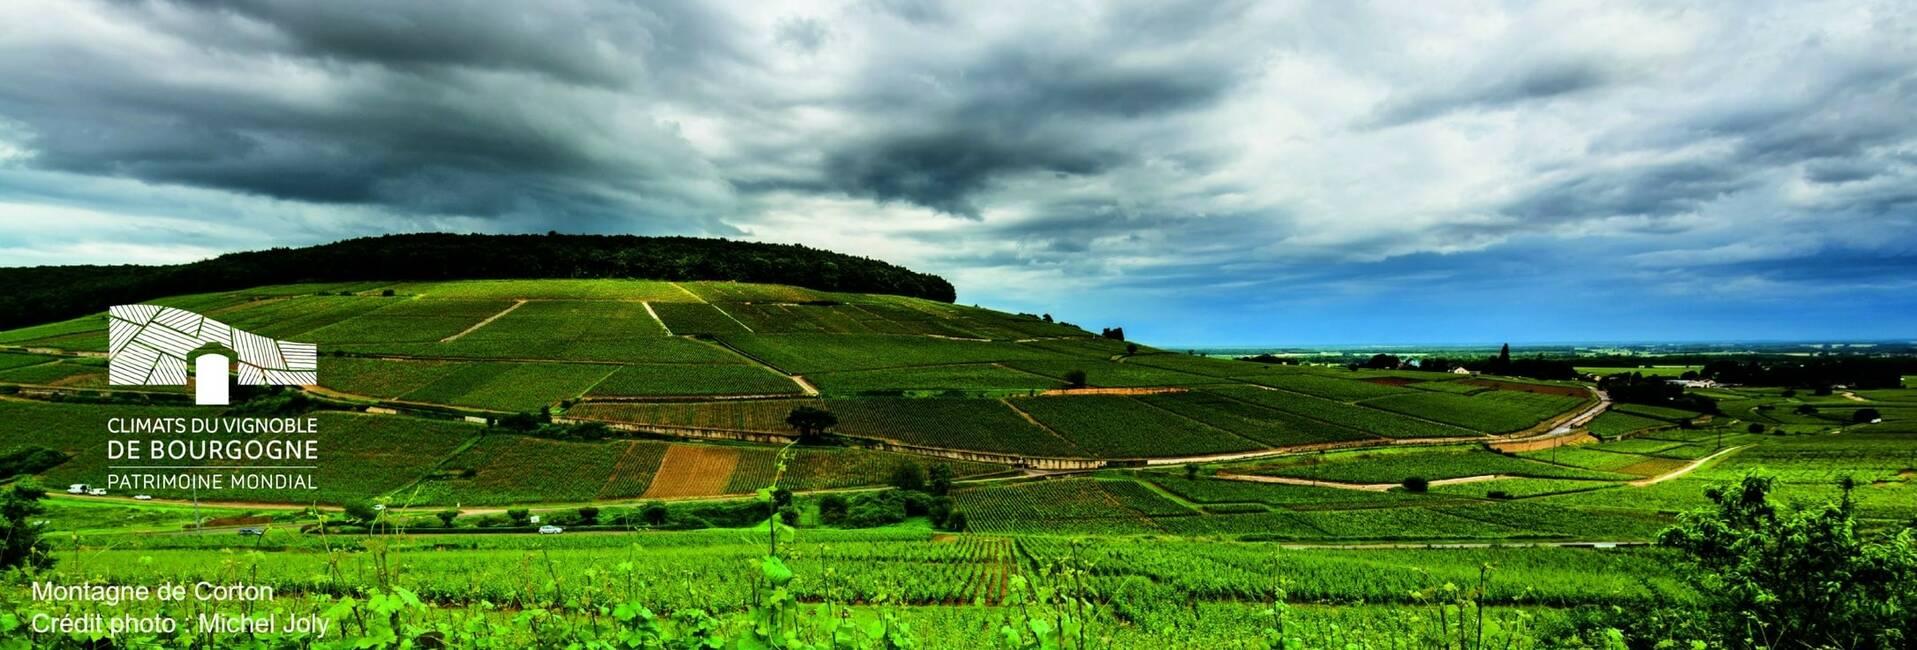 """De Bourgondische """"Climats"""" toegelaten op de Wereld Erfgoedlijst van UNESCO"""